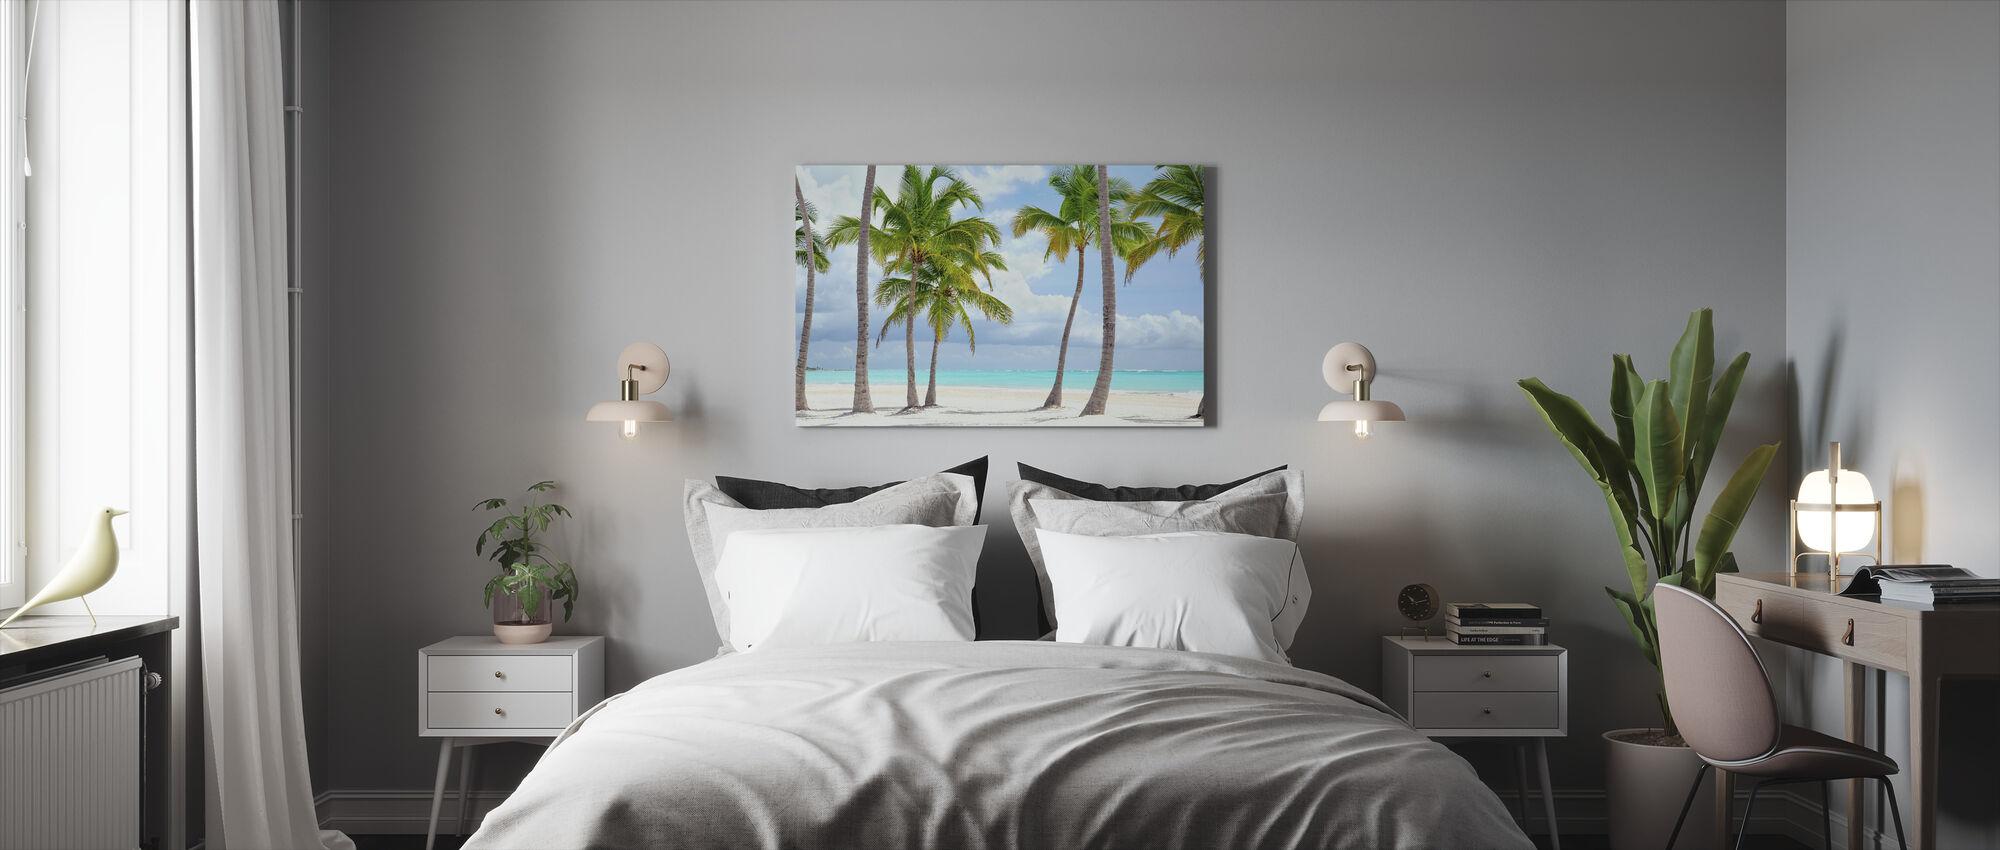 Cap Cana Seacoast - Canvas print - Bedroom